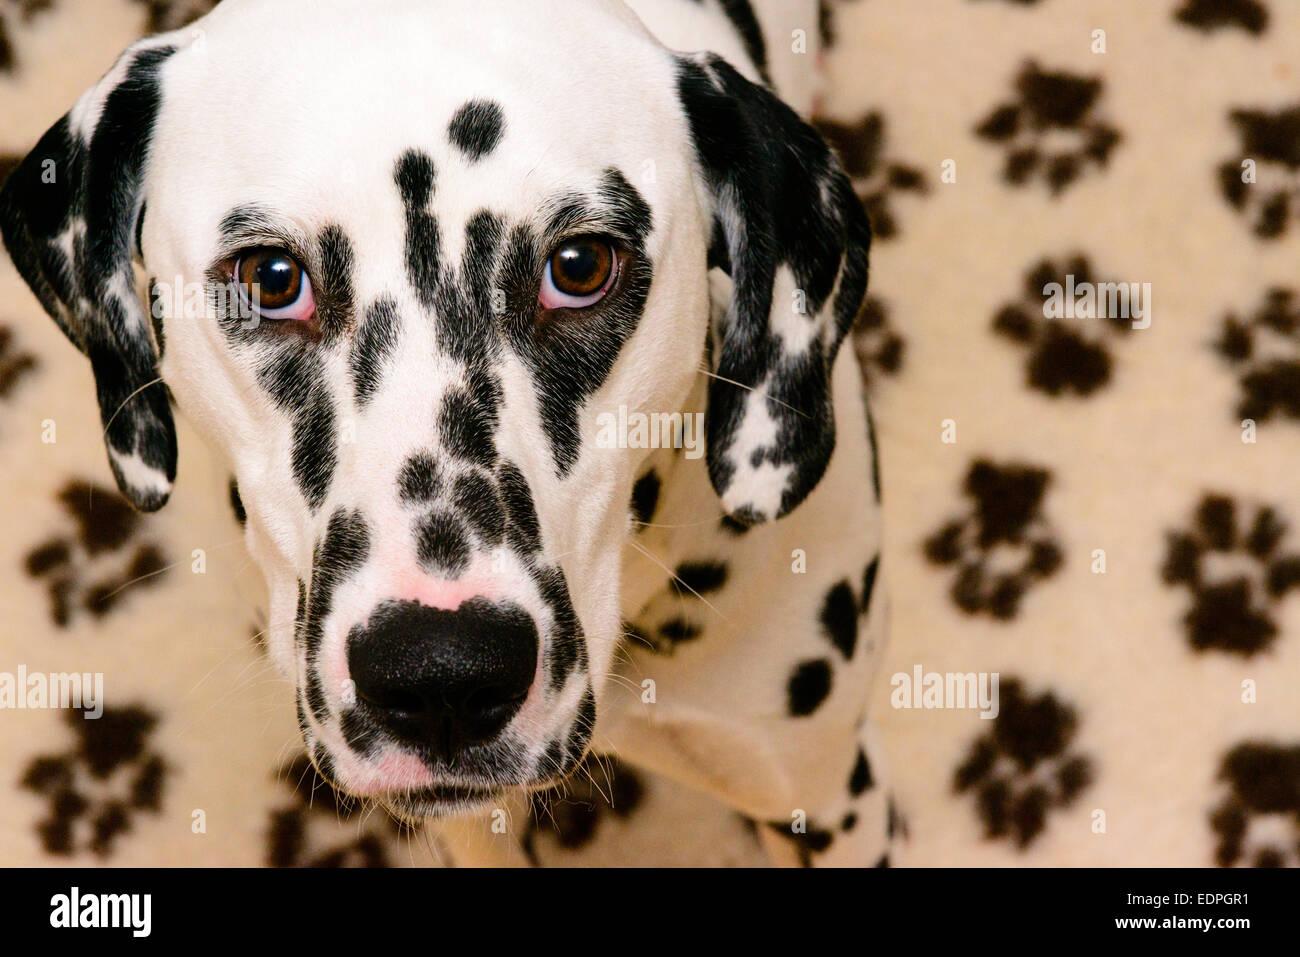 A dalmatian dog - Stock Image